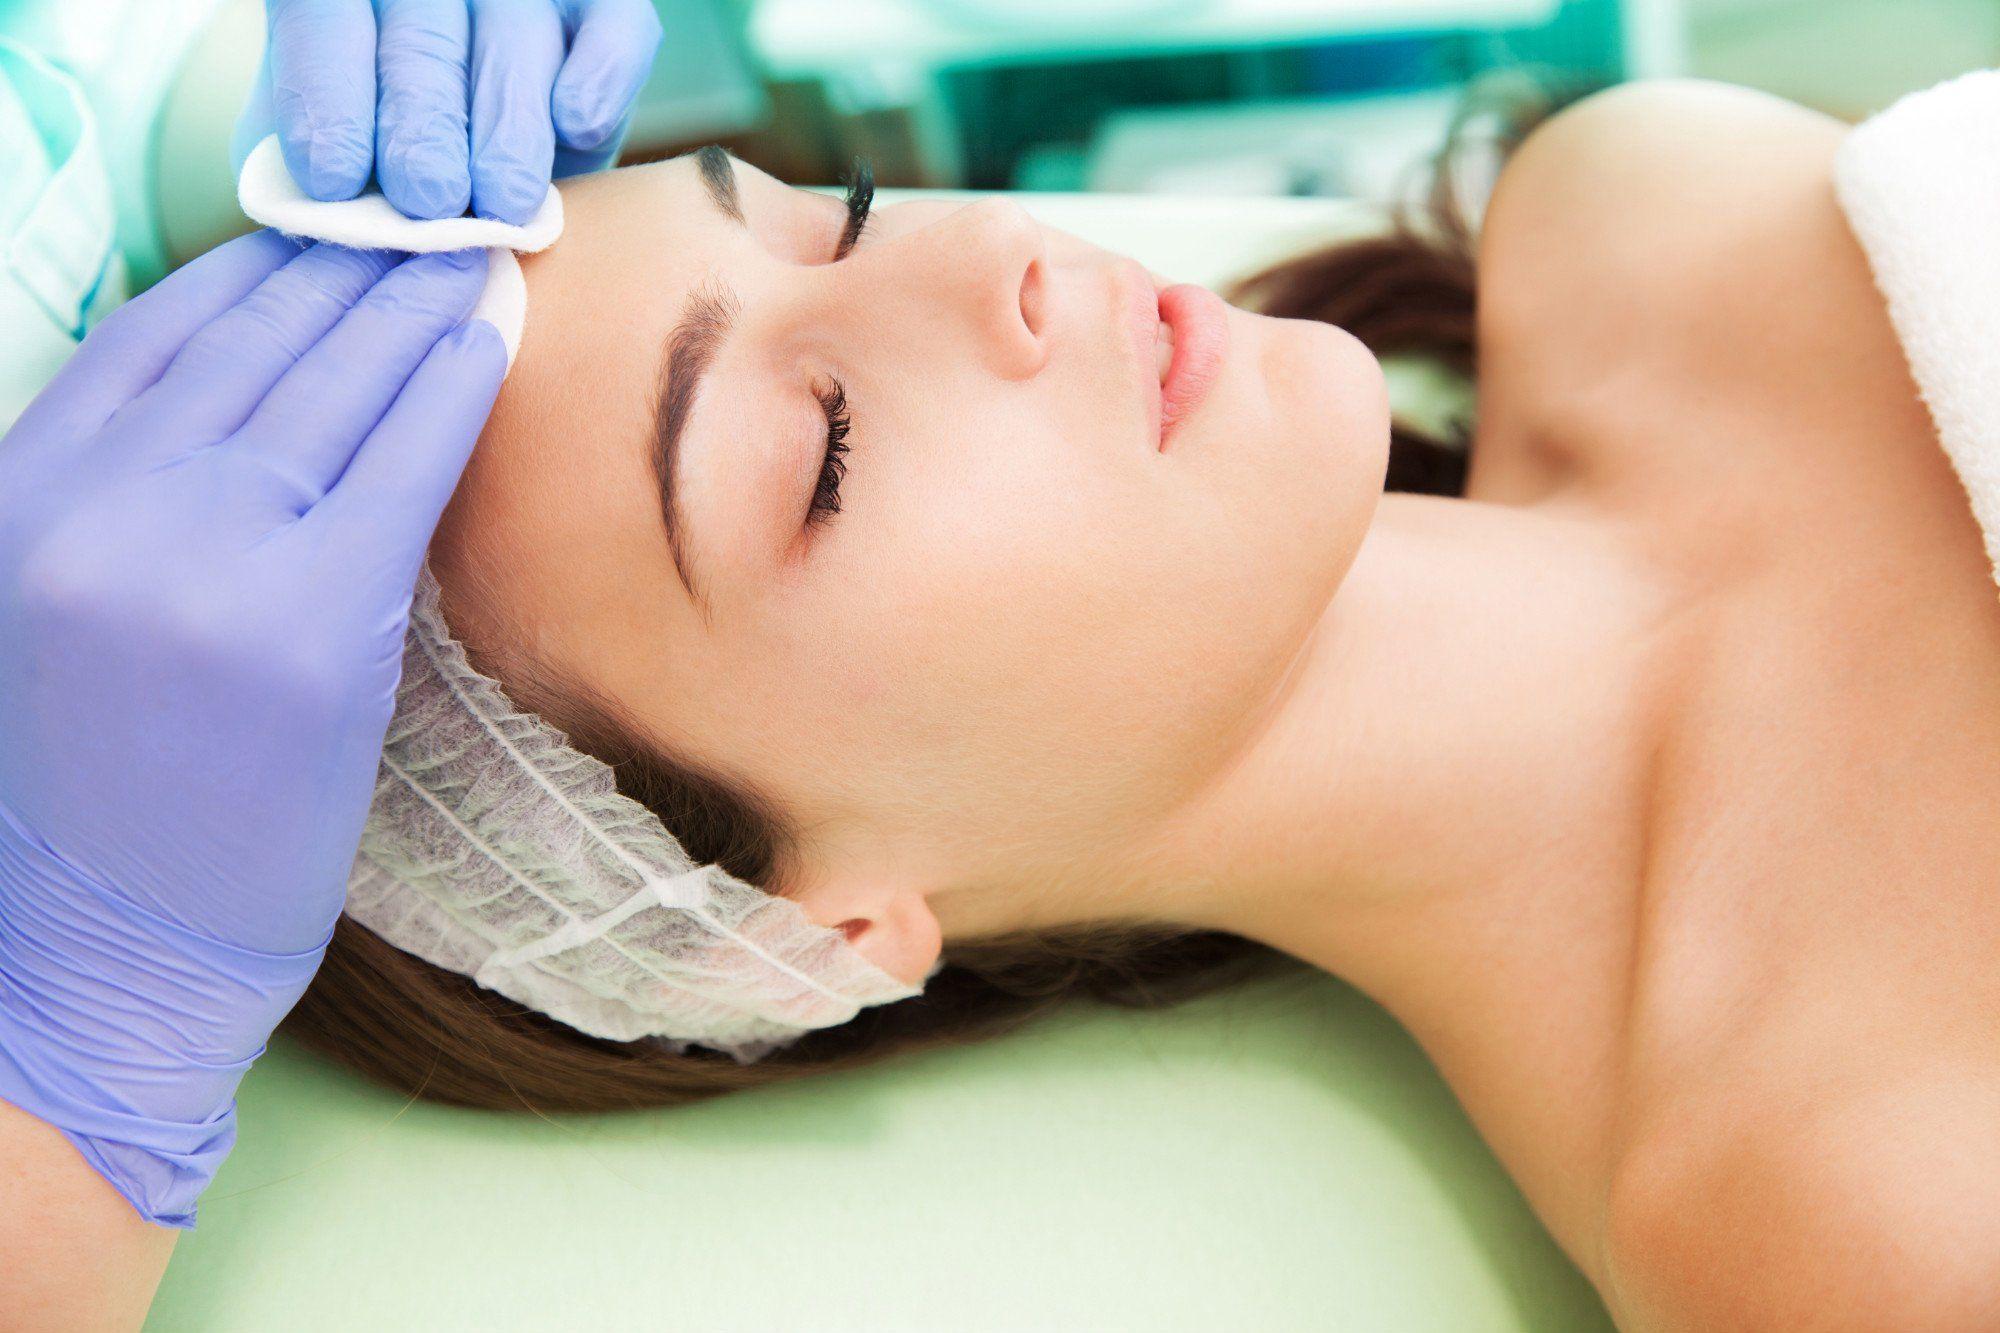 1 facial treatment